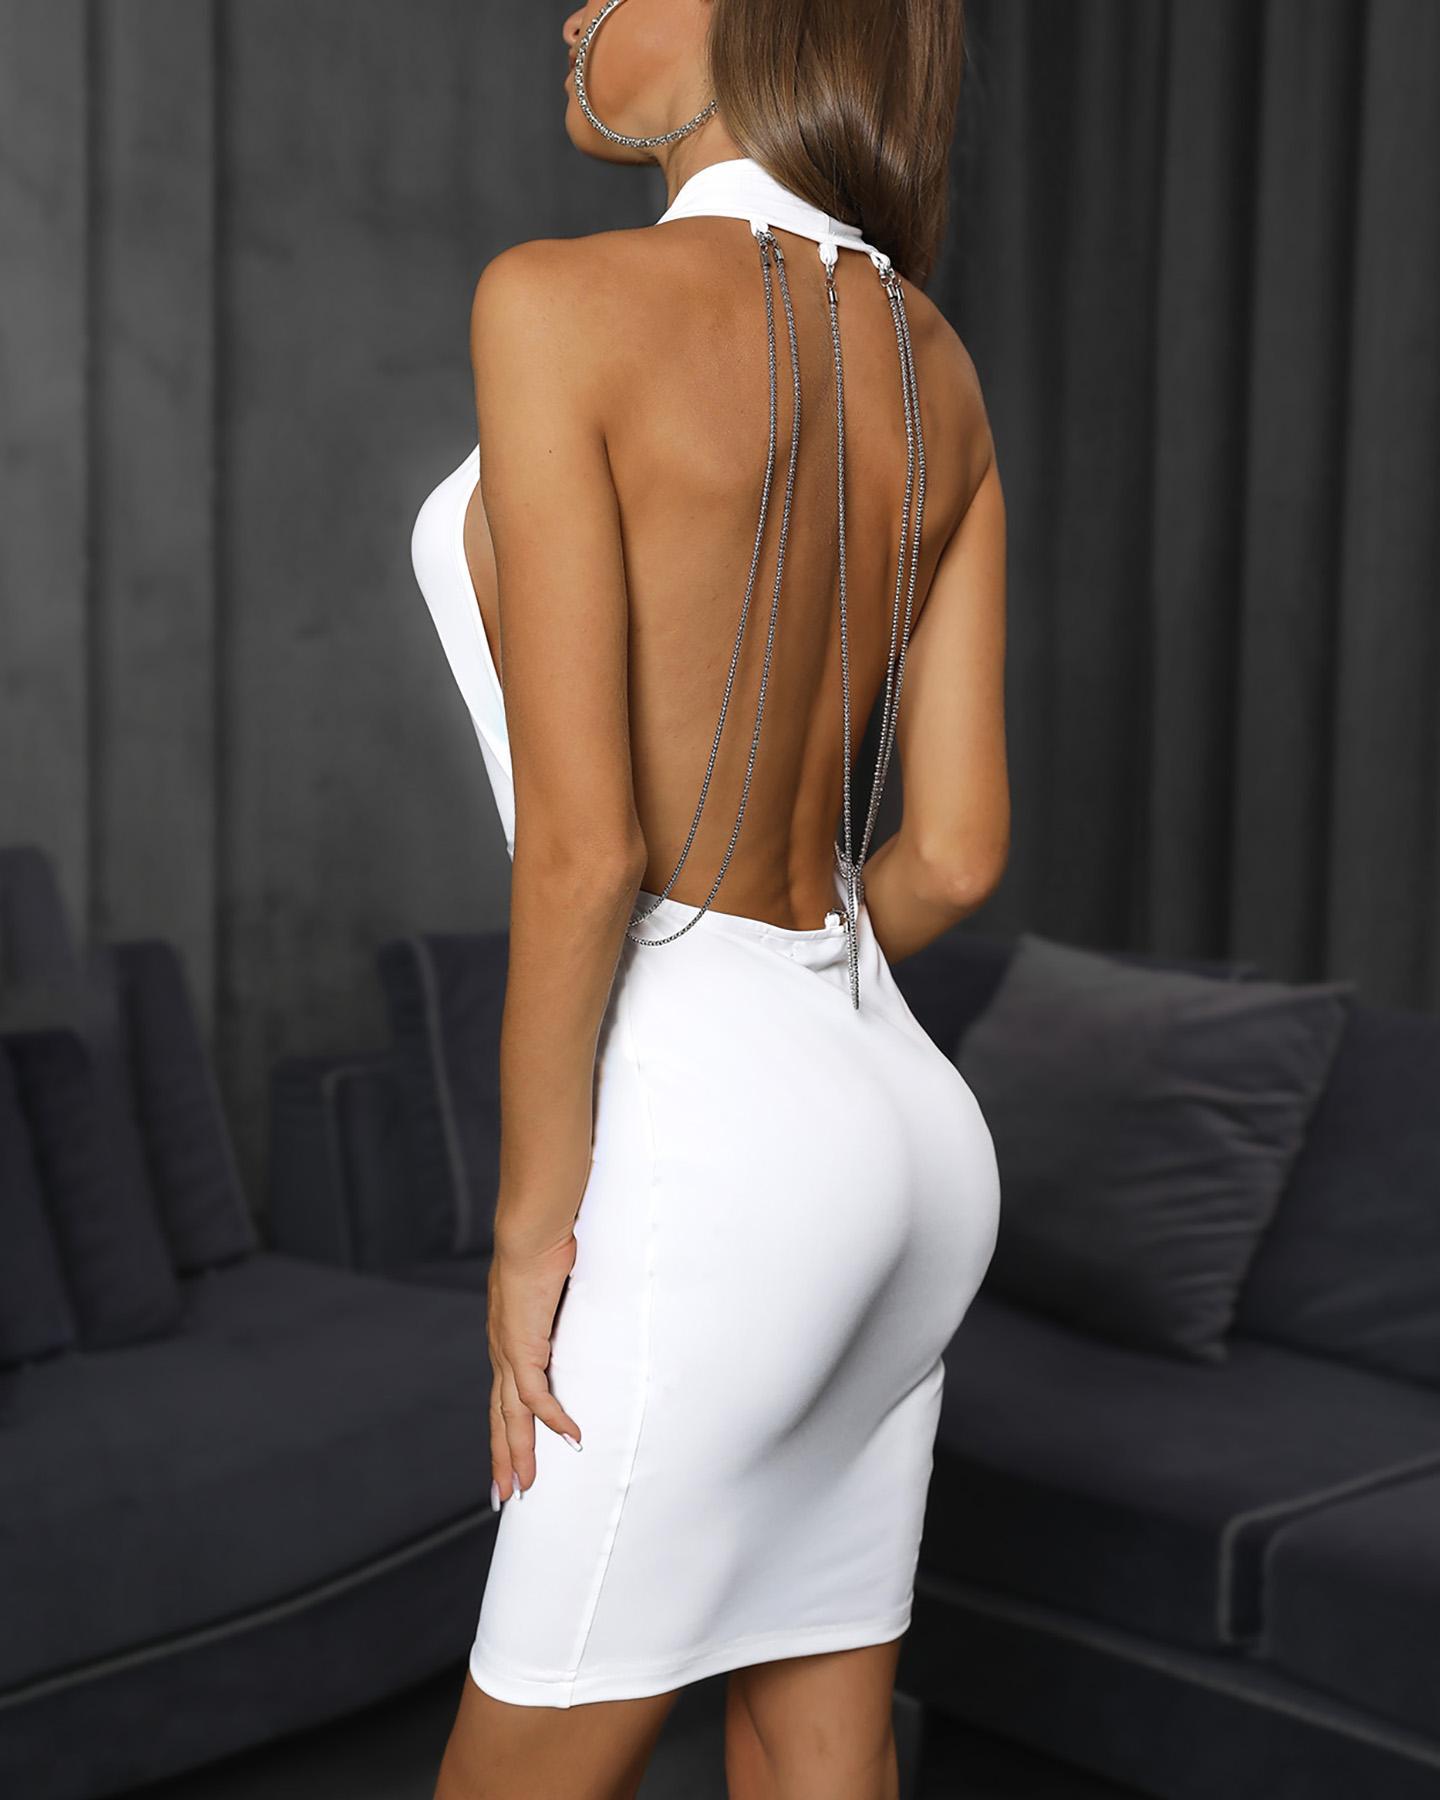 chicme / Halter sin espalda de metal de la cadera del vestido ajustado de plunge